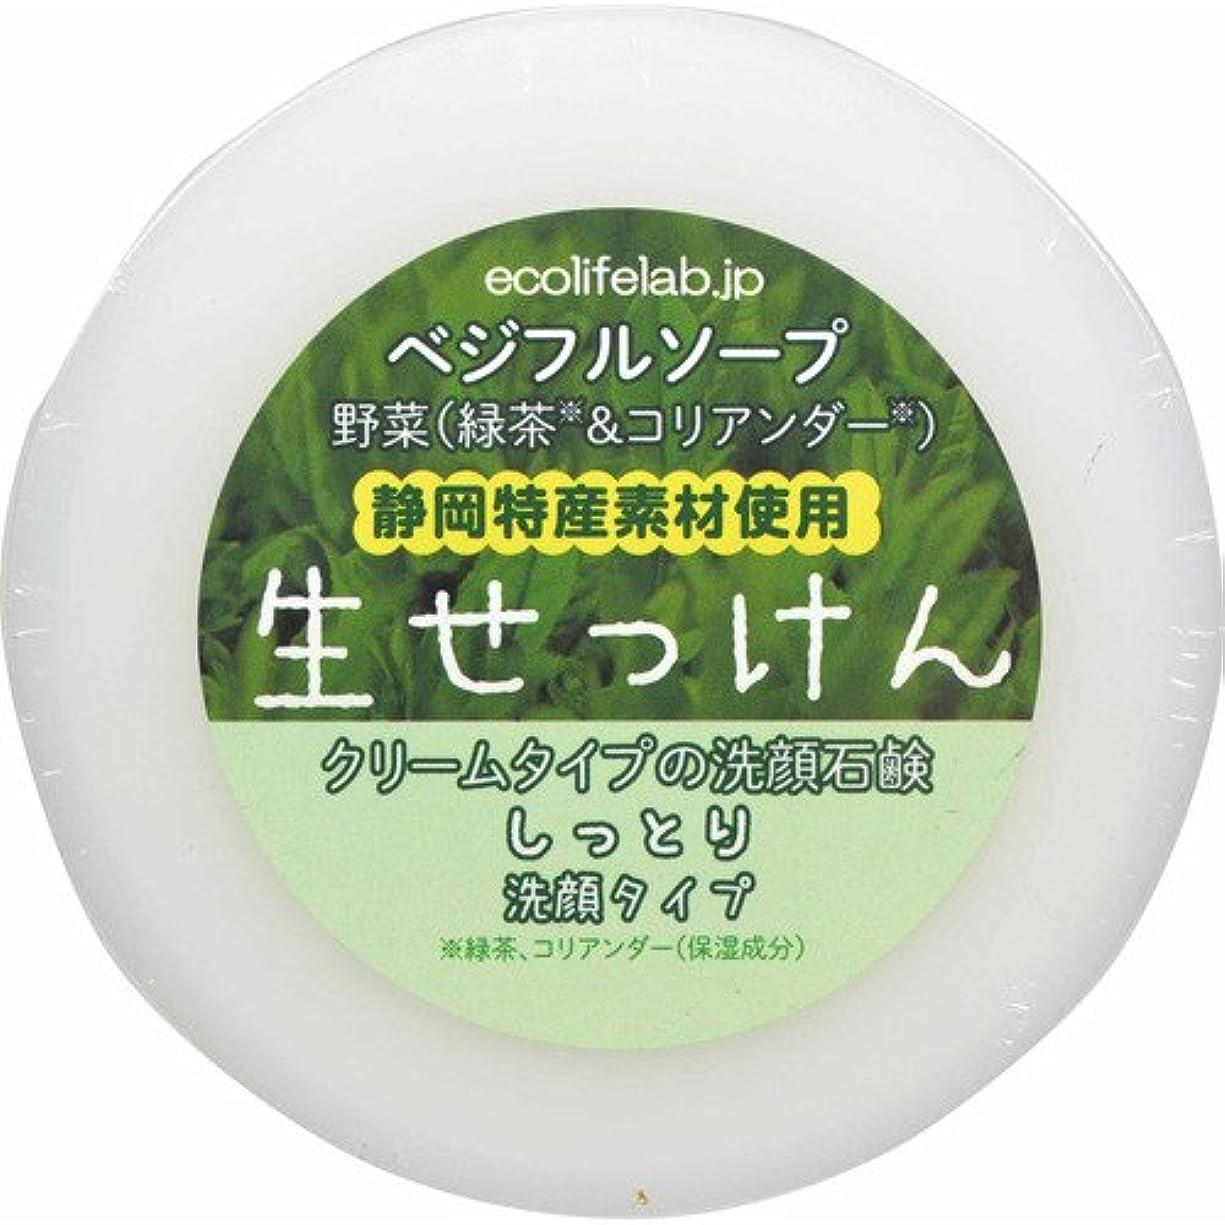 ベジフルソープ 生せっけん(野菜) しっとり洗顔タイプ 100g